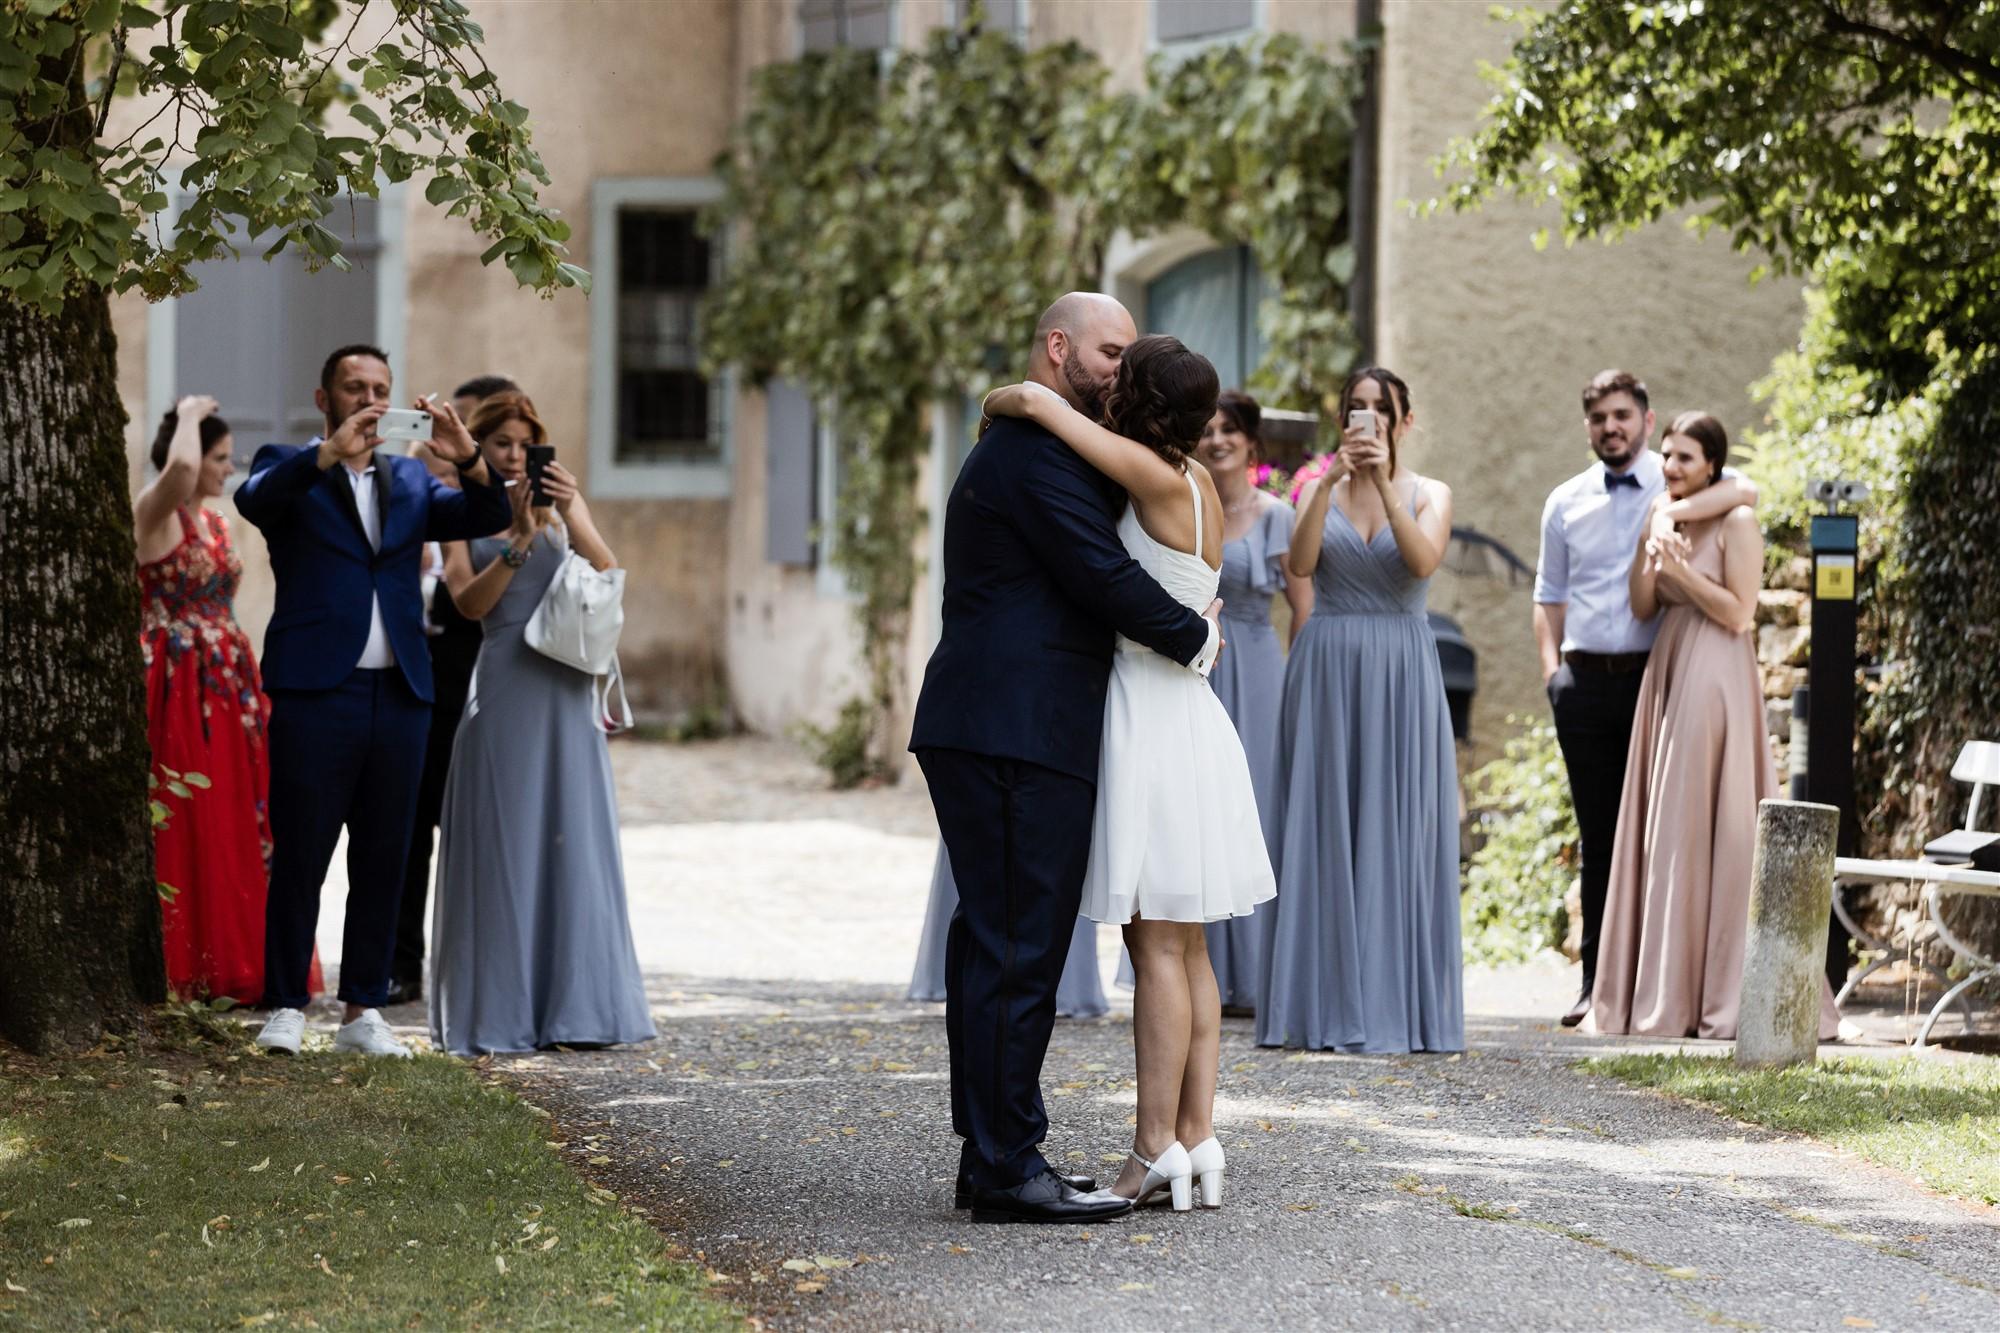 Hochzeit Schloss Wildenstein - Die Hochzeitsgäste empfangen das Brautpaar